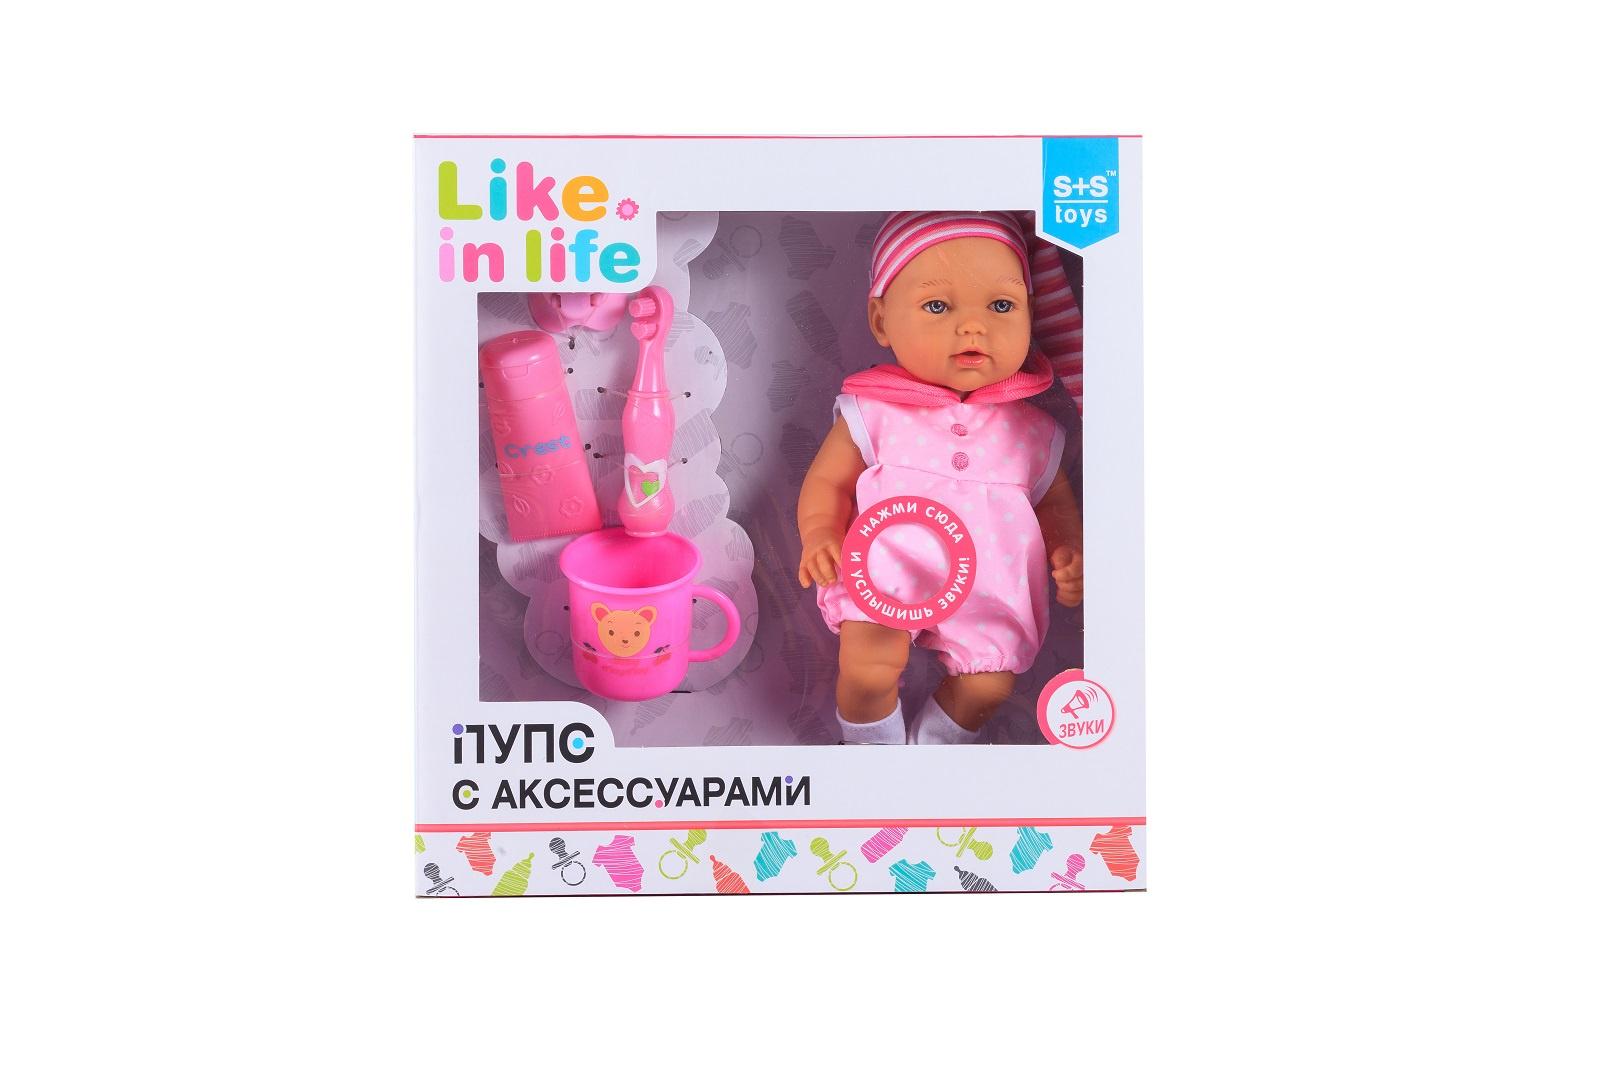 Кукла S+S Кукла кукла s s toys 1025 doll